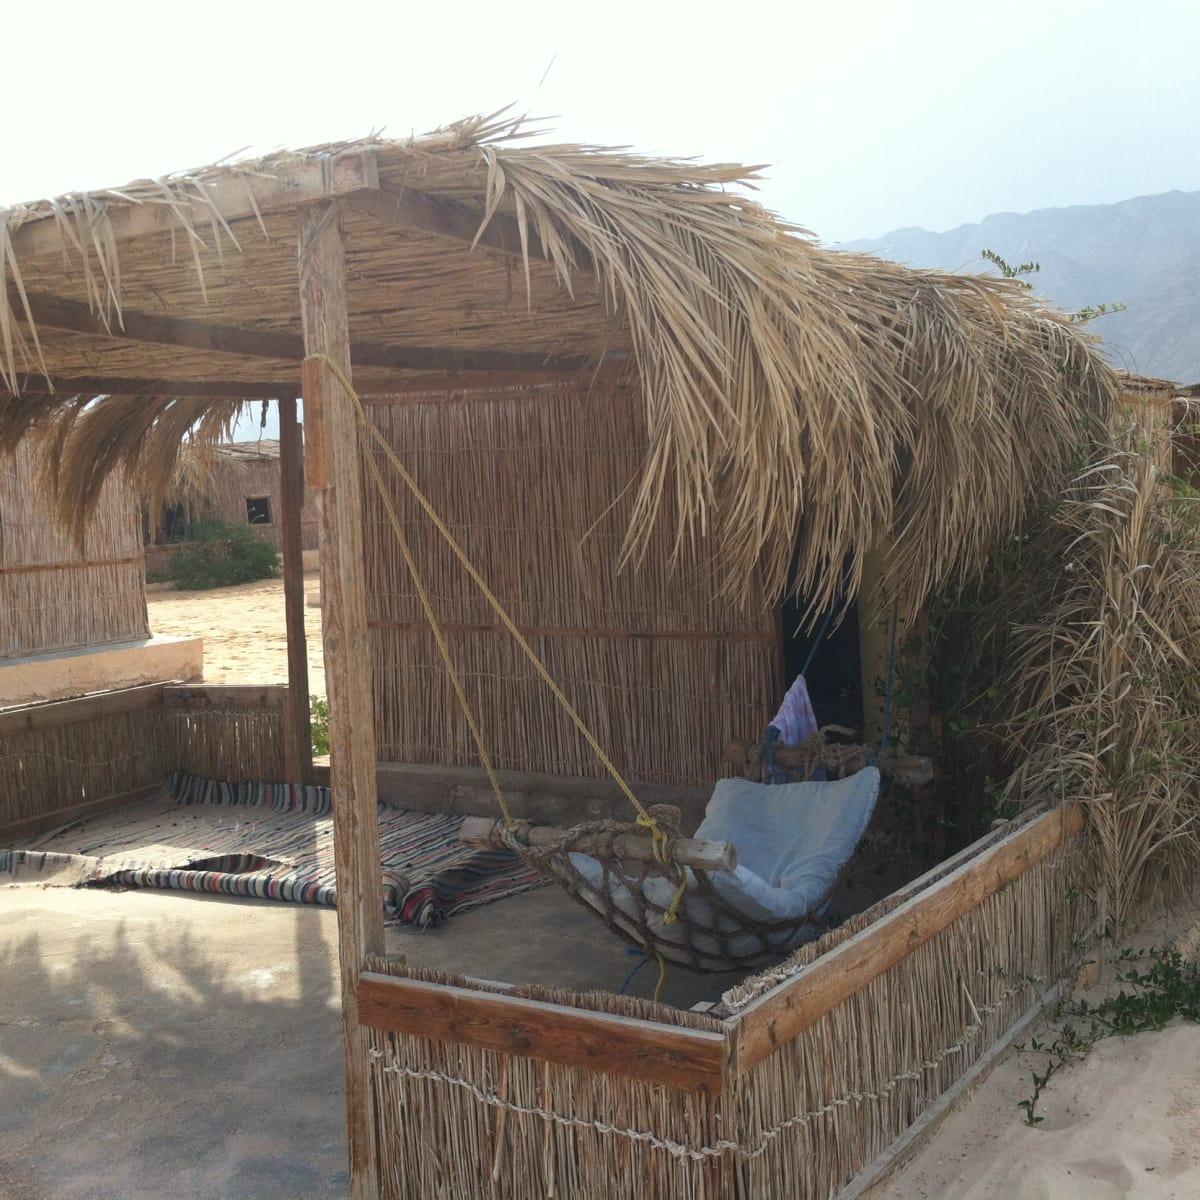 Rash Shitan Sinai Egypt hut with hammock